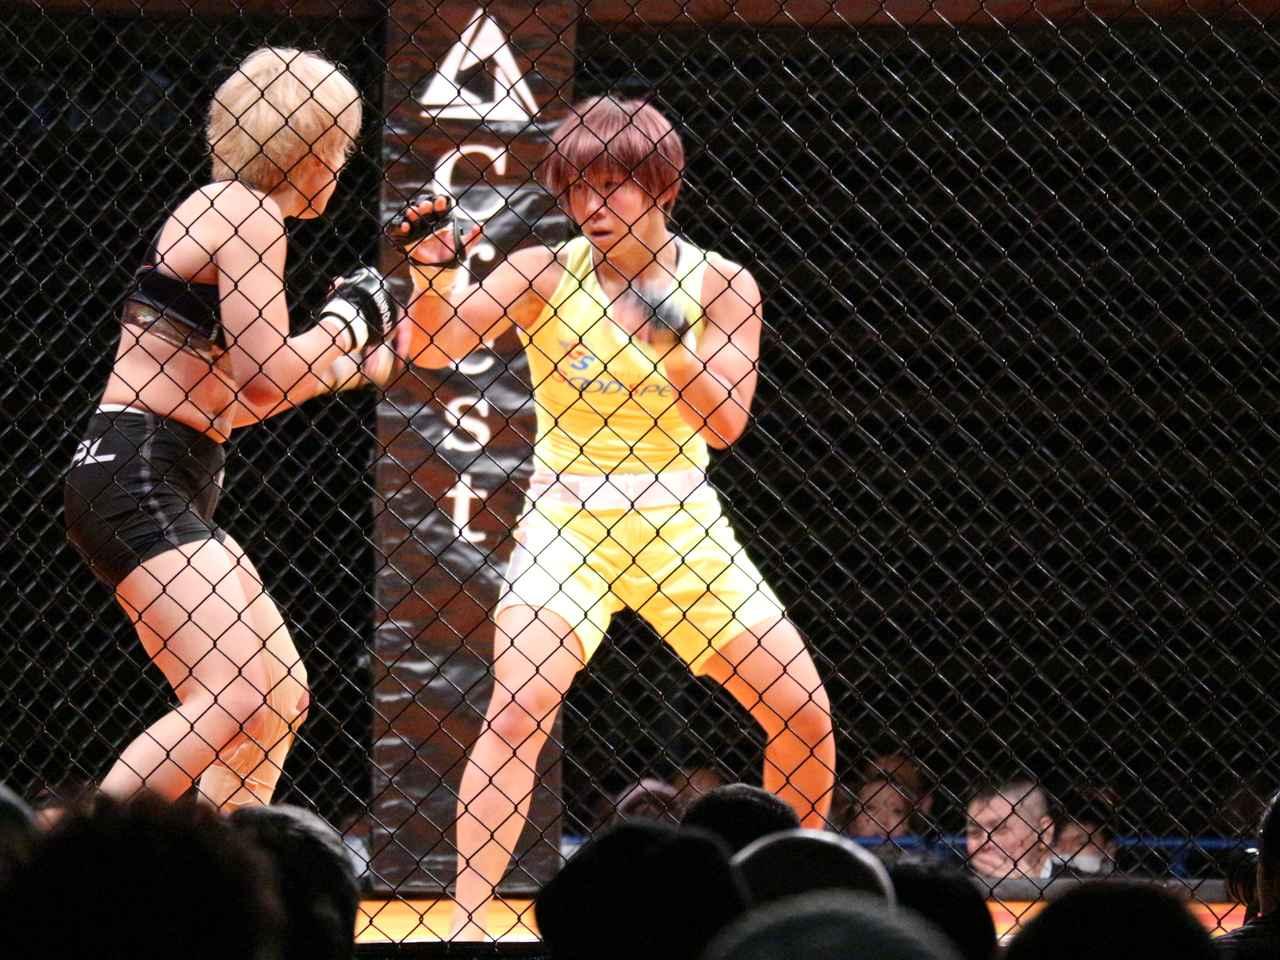 画像1: DEEP初参戦・村田夏南子、判定勝利! KINGレイナは一本勝ち!